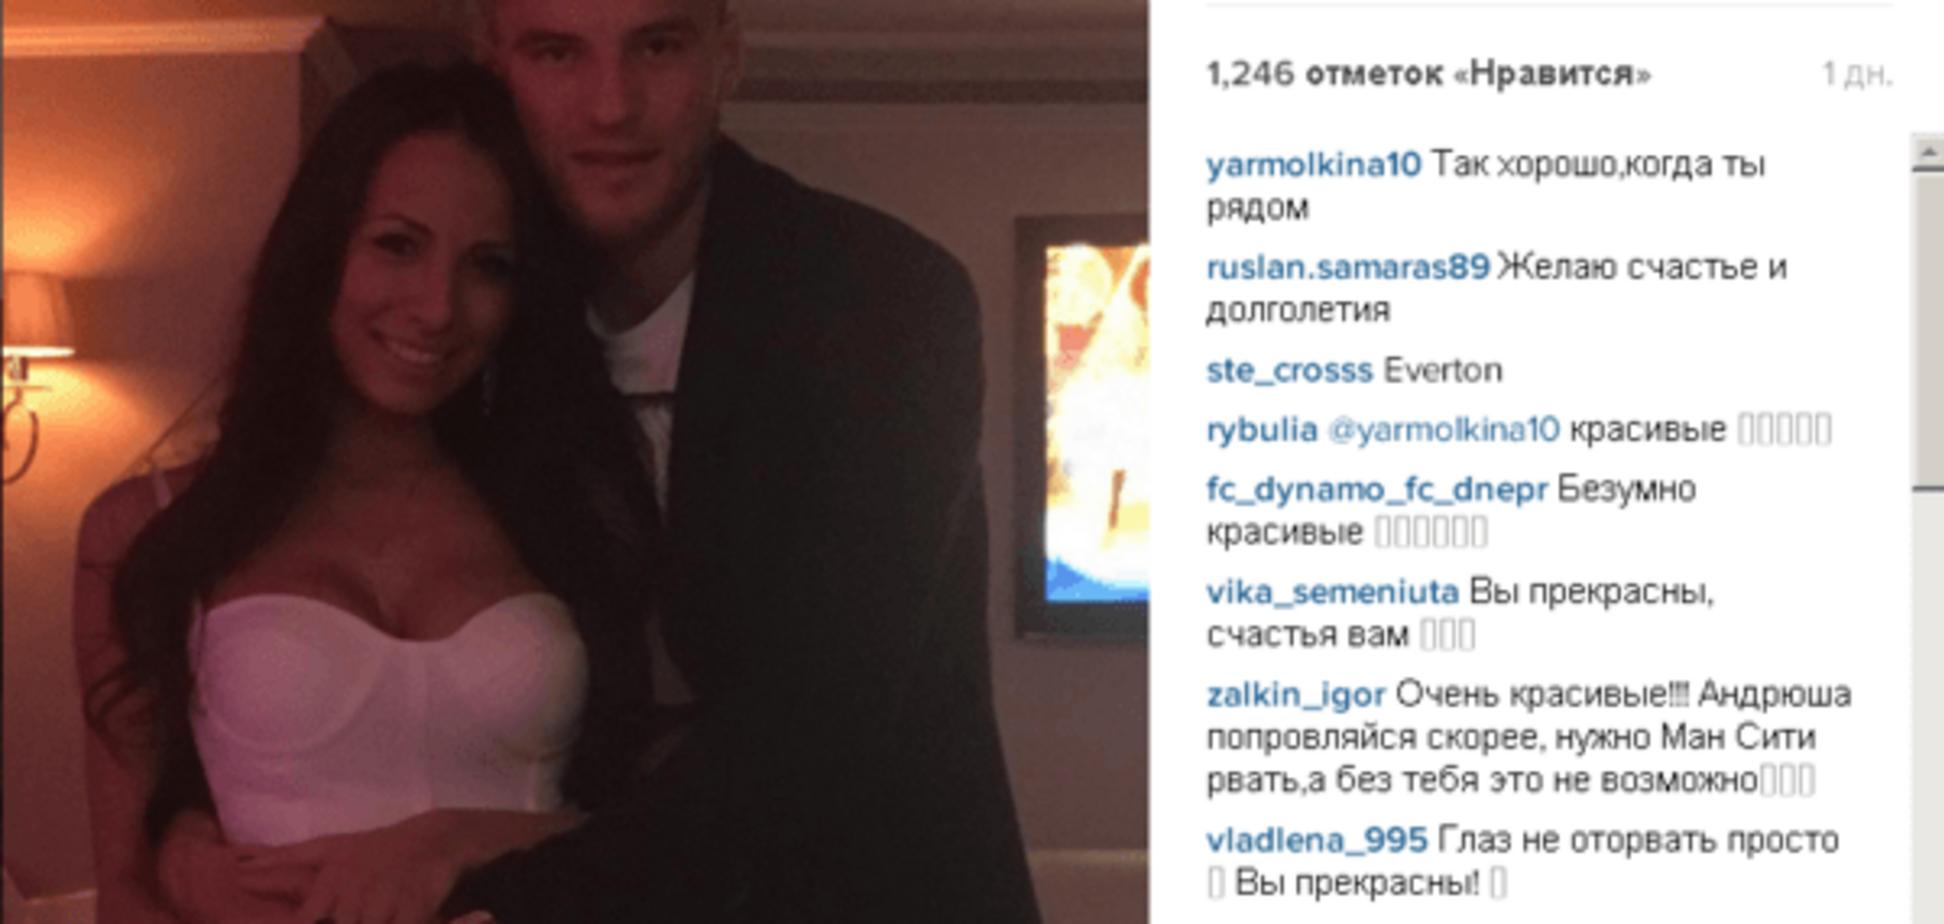 Белое платье и декольте. Жена Ярмоленко похвасталась фото с Дня рождения